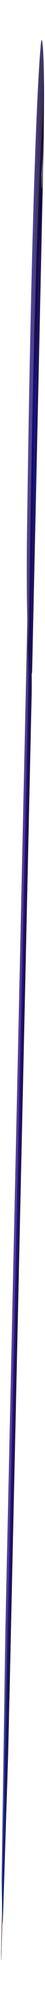 Ручка шариковая Prodir DS3 TFF Ring, синяя с серым